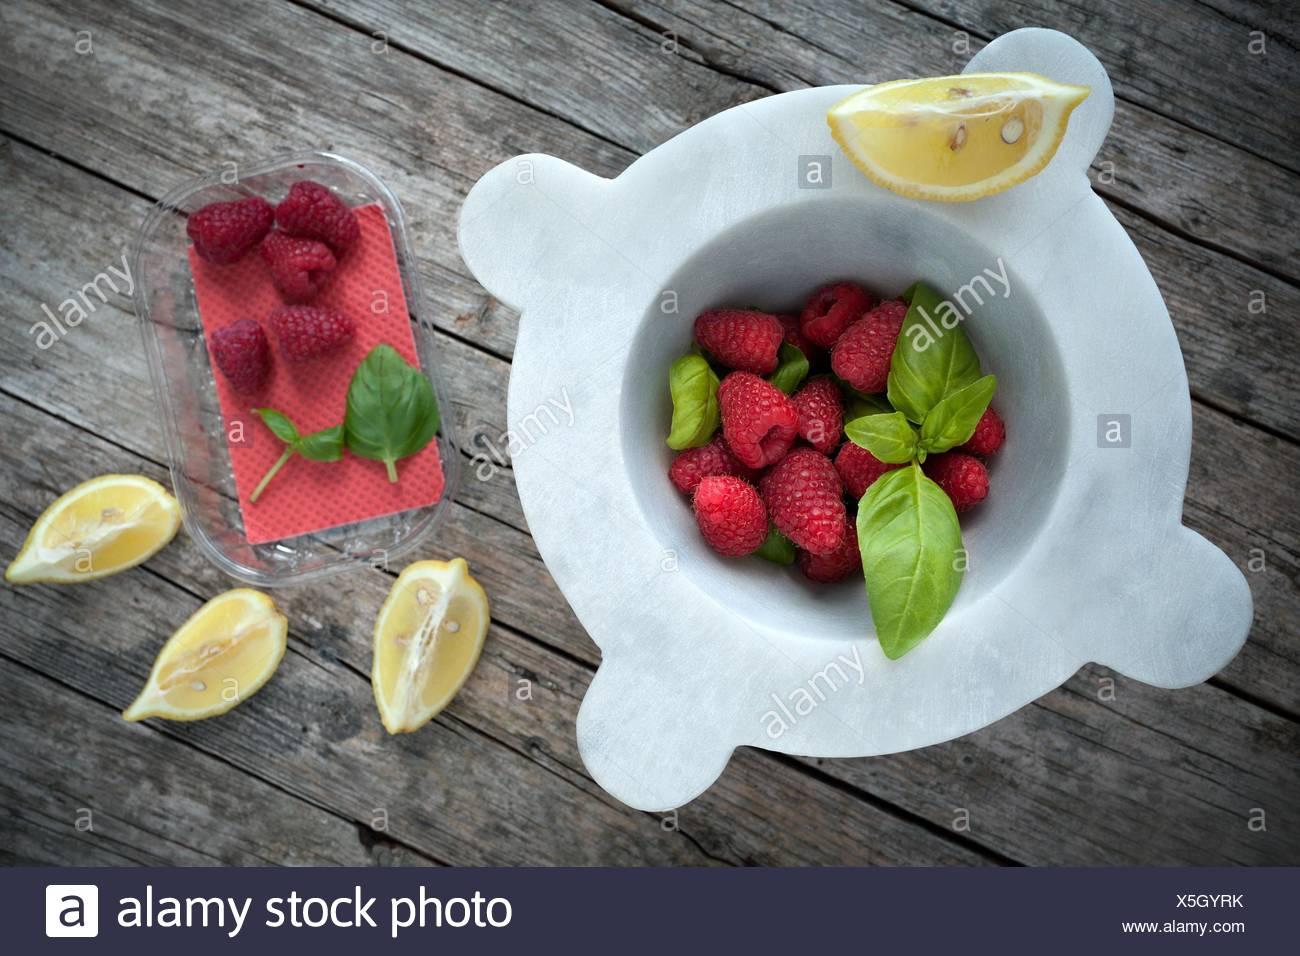 Mortaio con lamponi freschi, le foglie di basilico e fettine di limone, al di sopra di shot. Immagini Stock